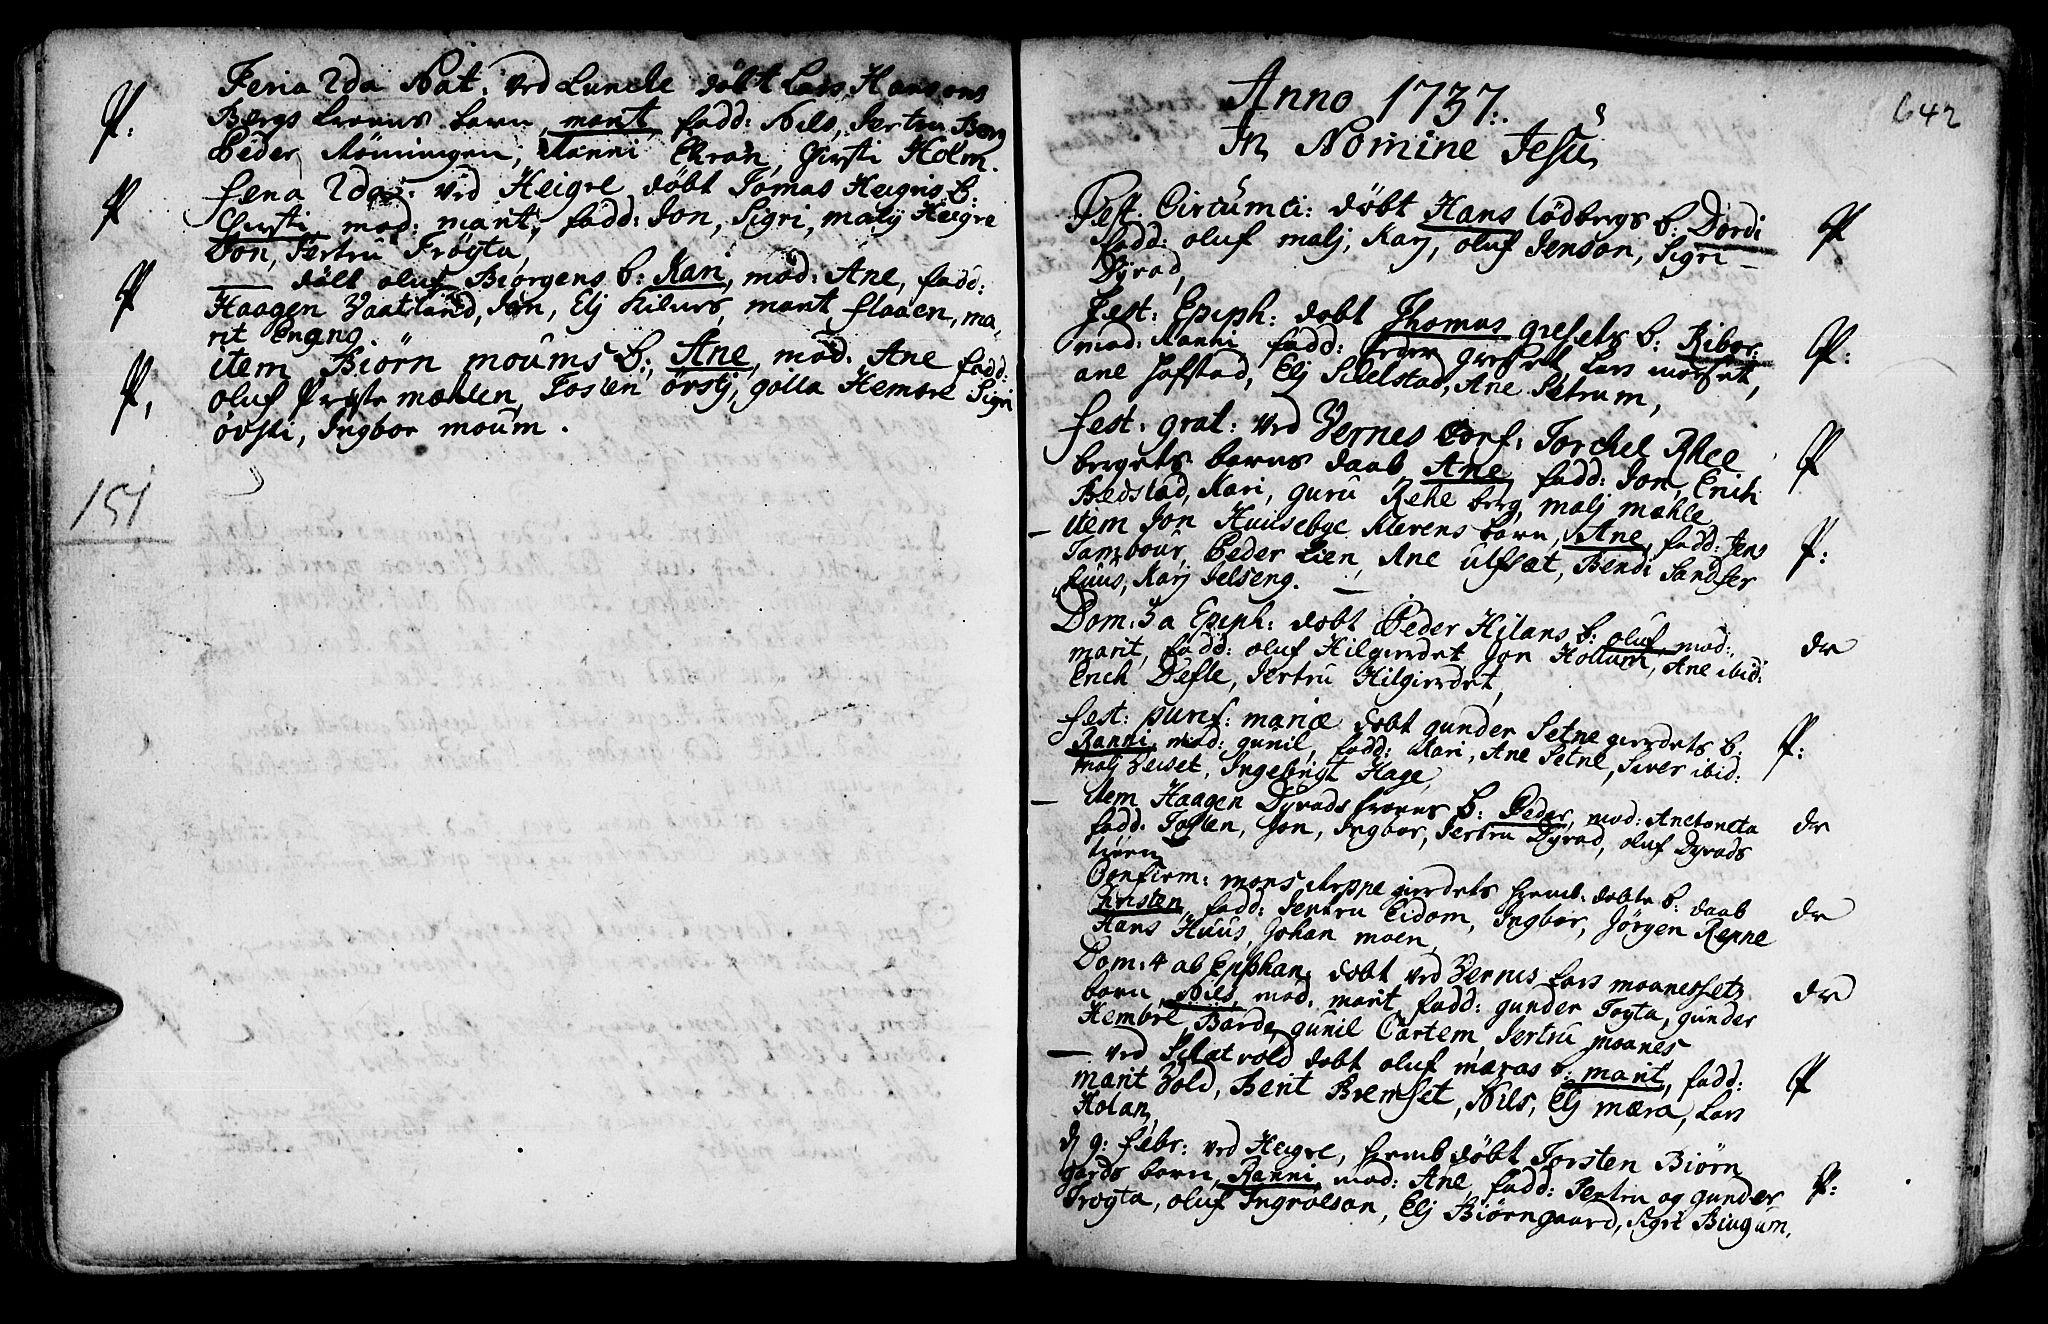 SAT, Ministerialprotokoller, klokkerbøker og fødselsregistre - Nord-Trøndelag, 709/L0055: Ministerialbok nr. 709A03, 1730-1739, s. 641-642